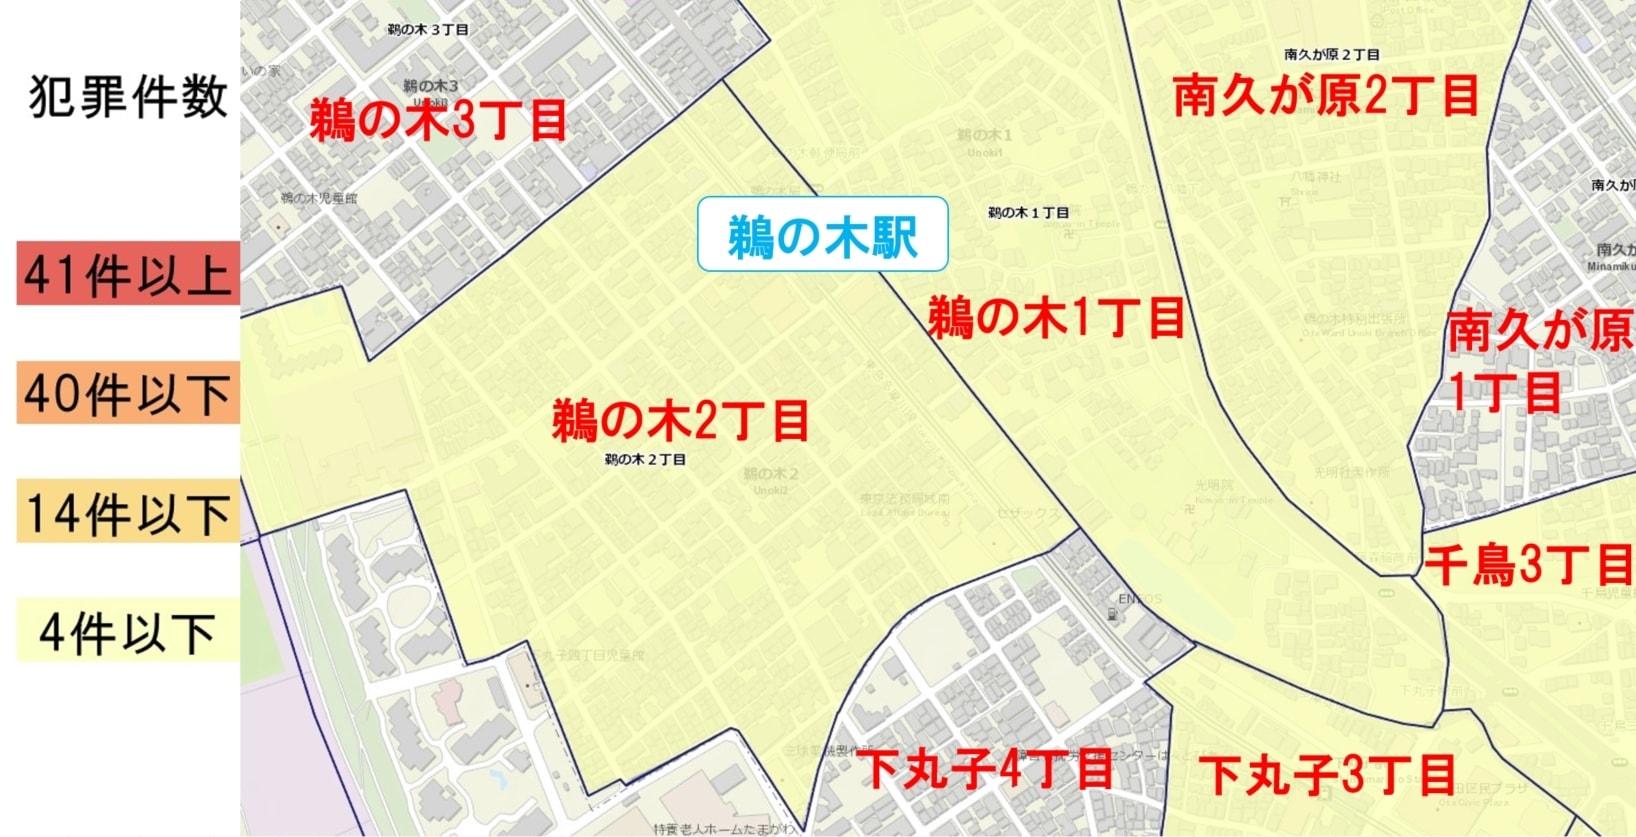 鵜の木駅周辺の粗暴犯の犯罪件数マップ